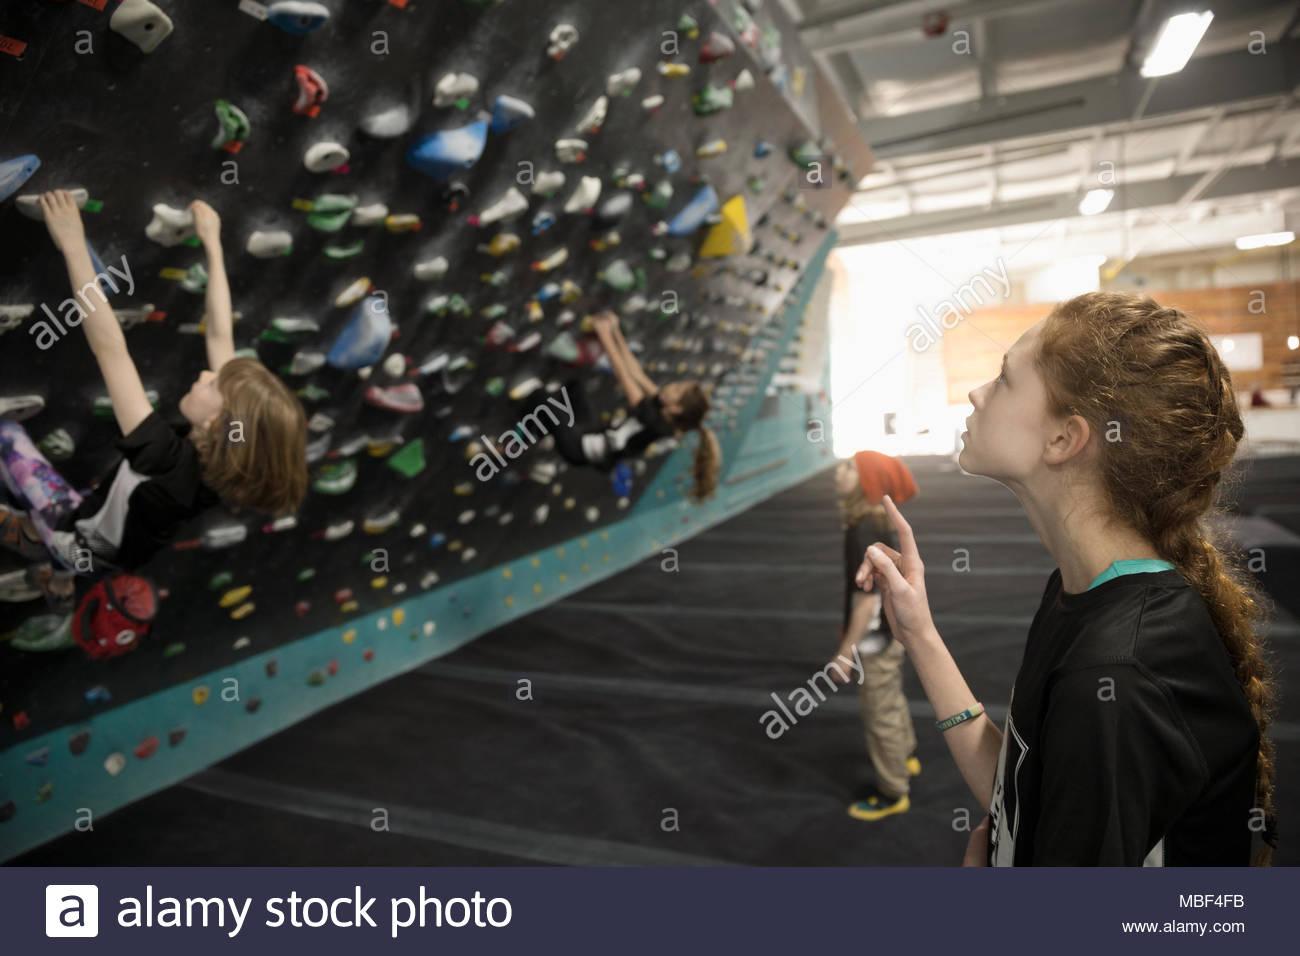 Curioso ragazza rocciatore guardando amico parete di arrampicata in palestra di arrampicata Immagini Stock